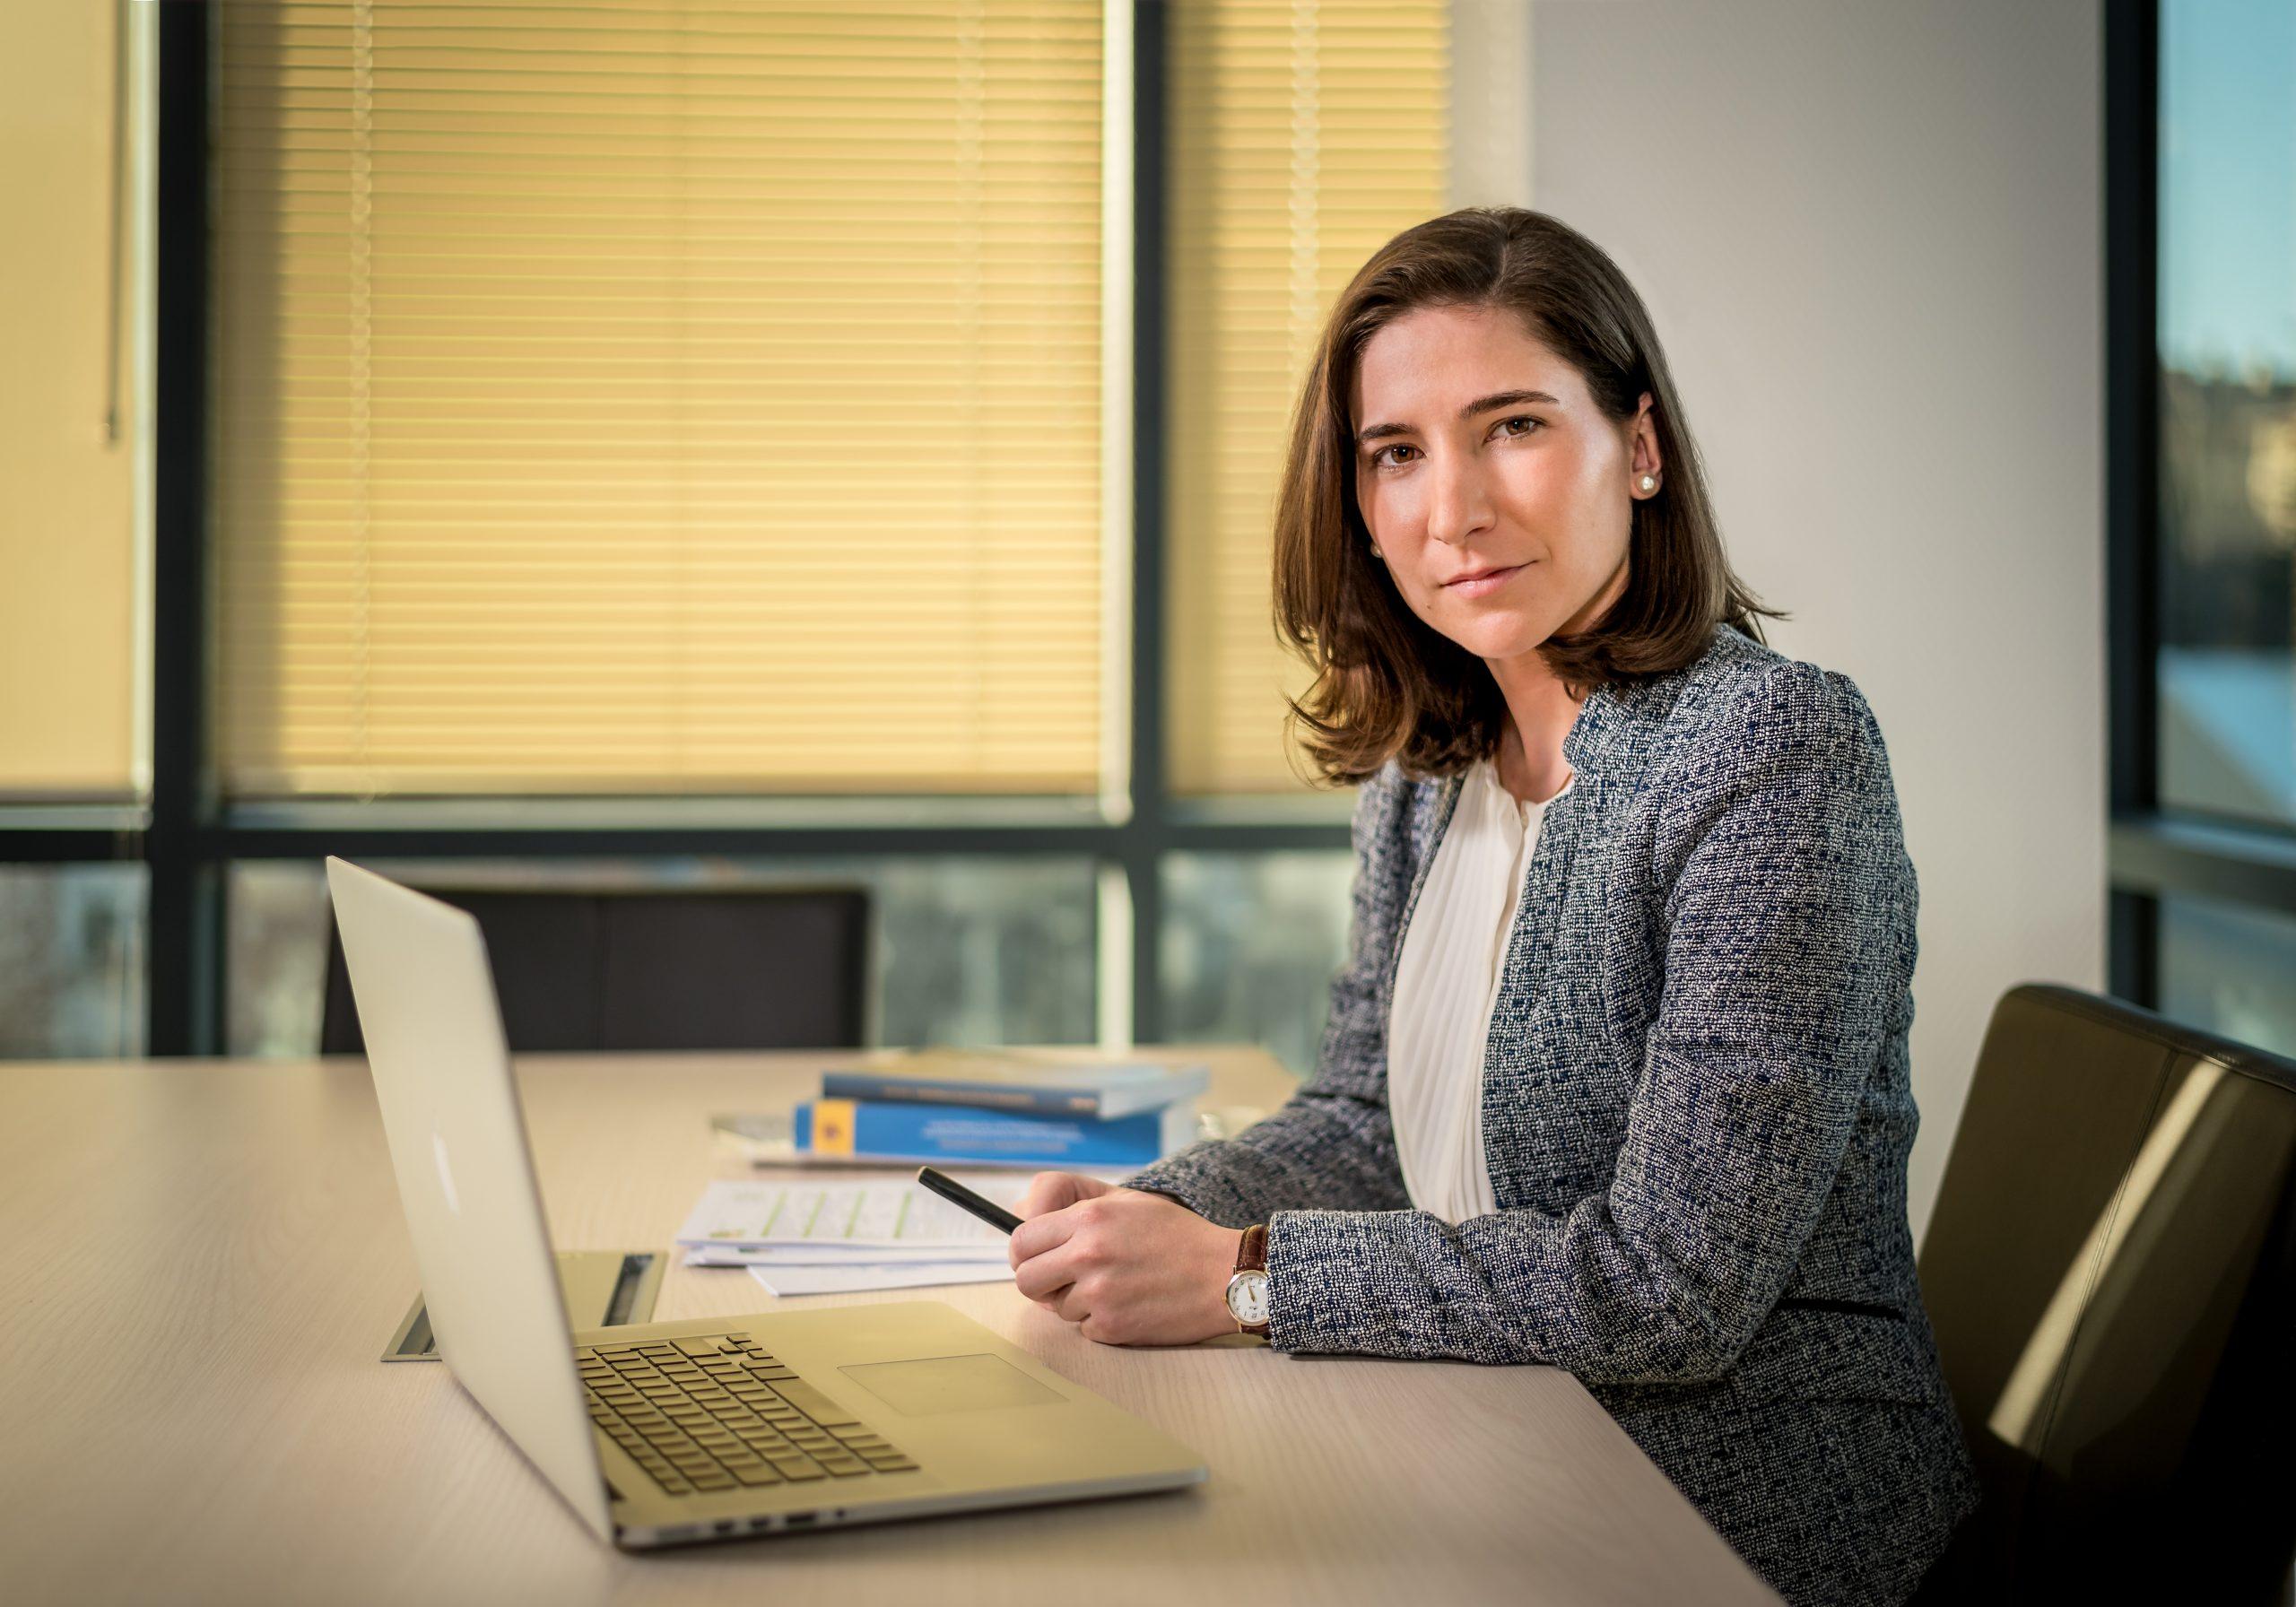 Paloma Arniaz, Secretaria General de la AEV